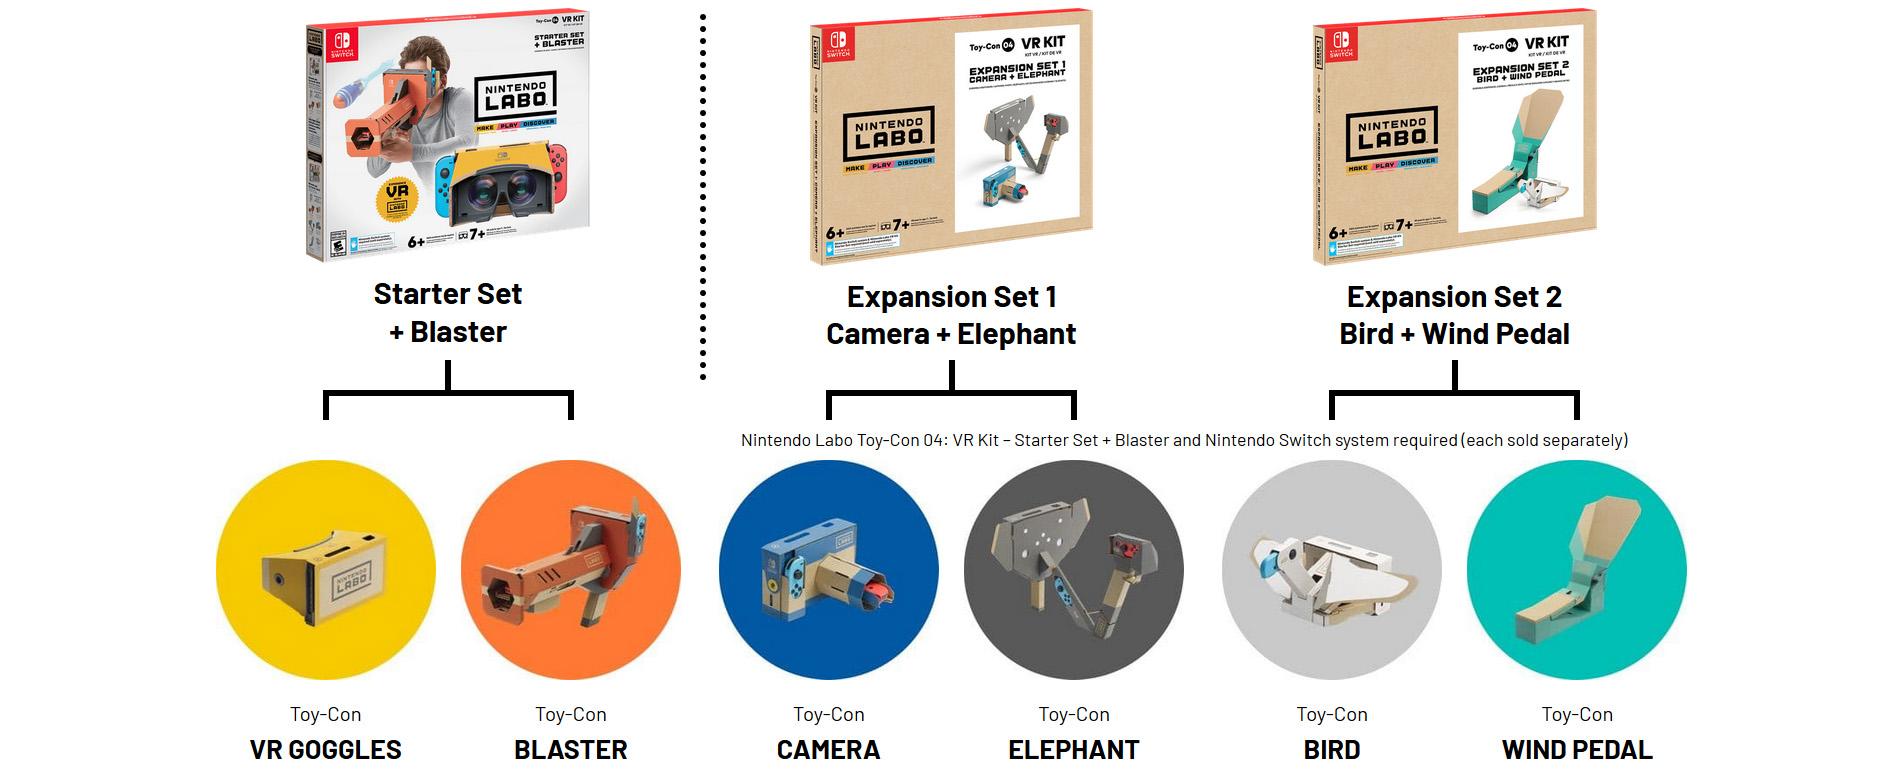 http://image.jeuxvideo.com/medias/155194/1551939900-5325-capture-d-ecran.jpg